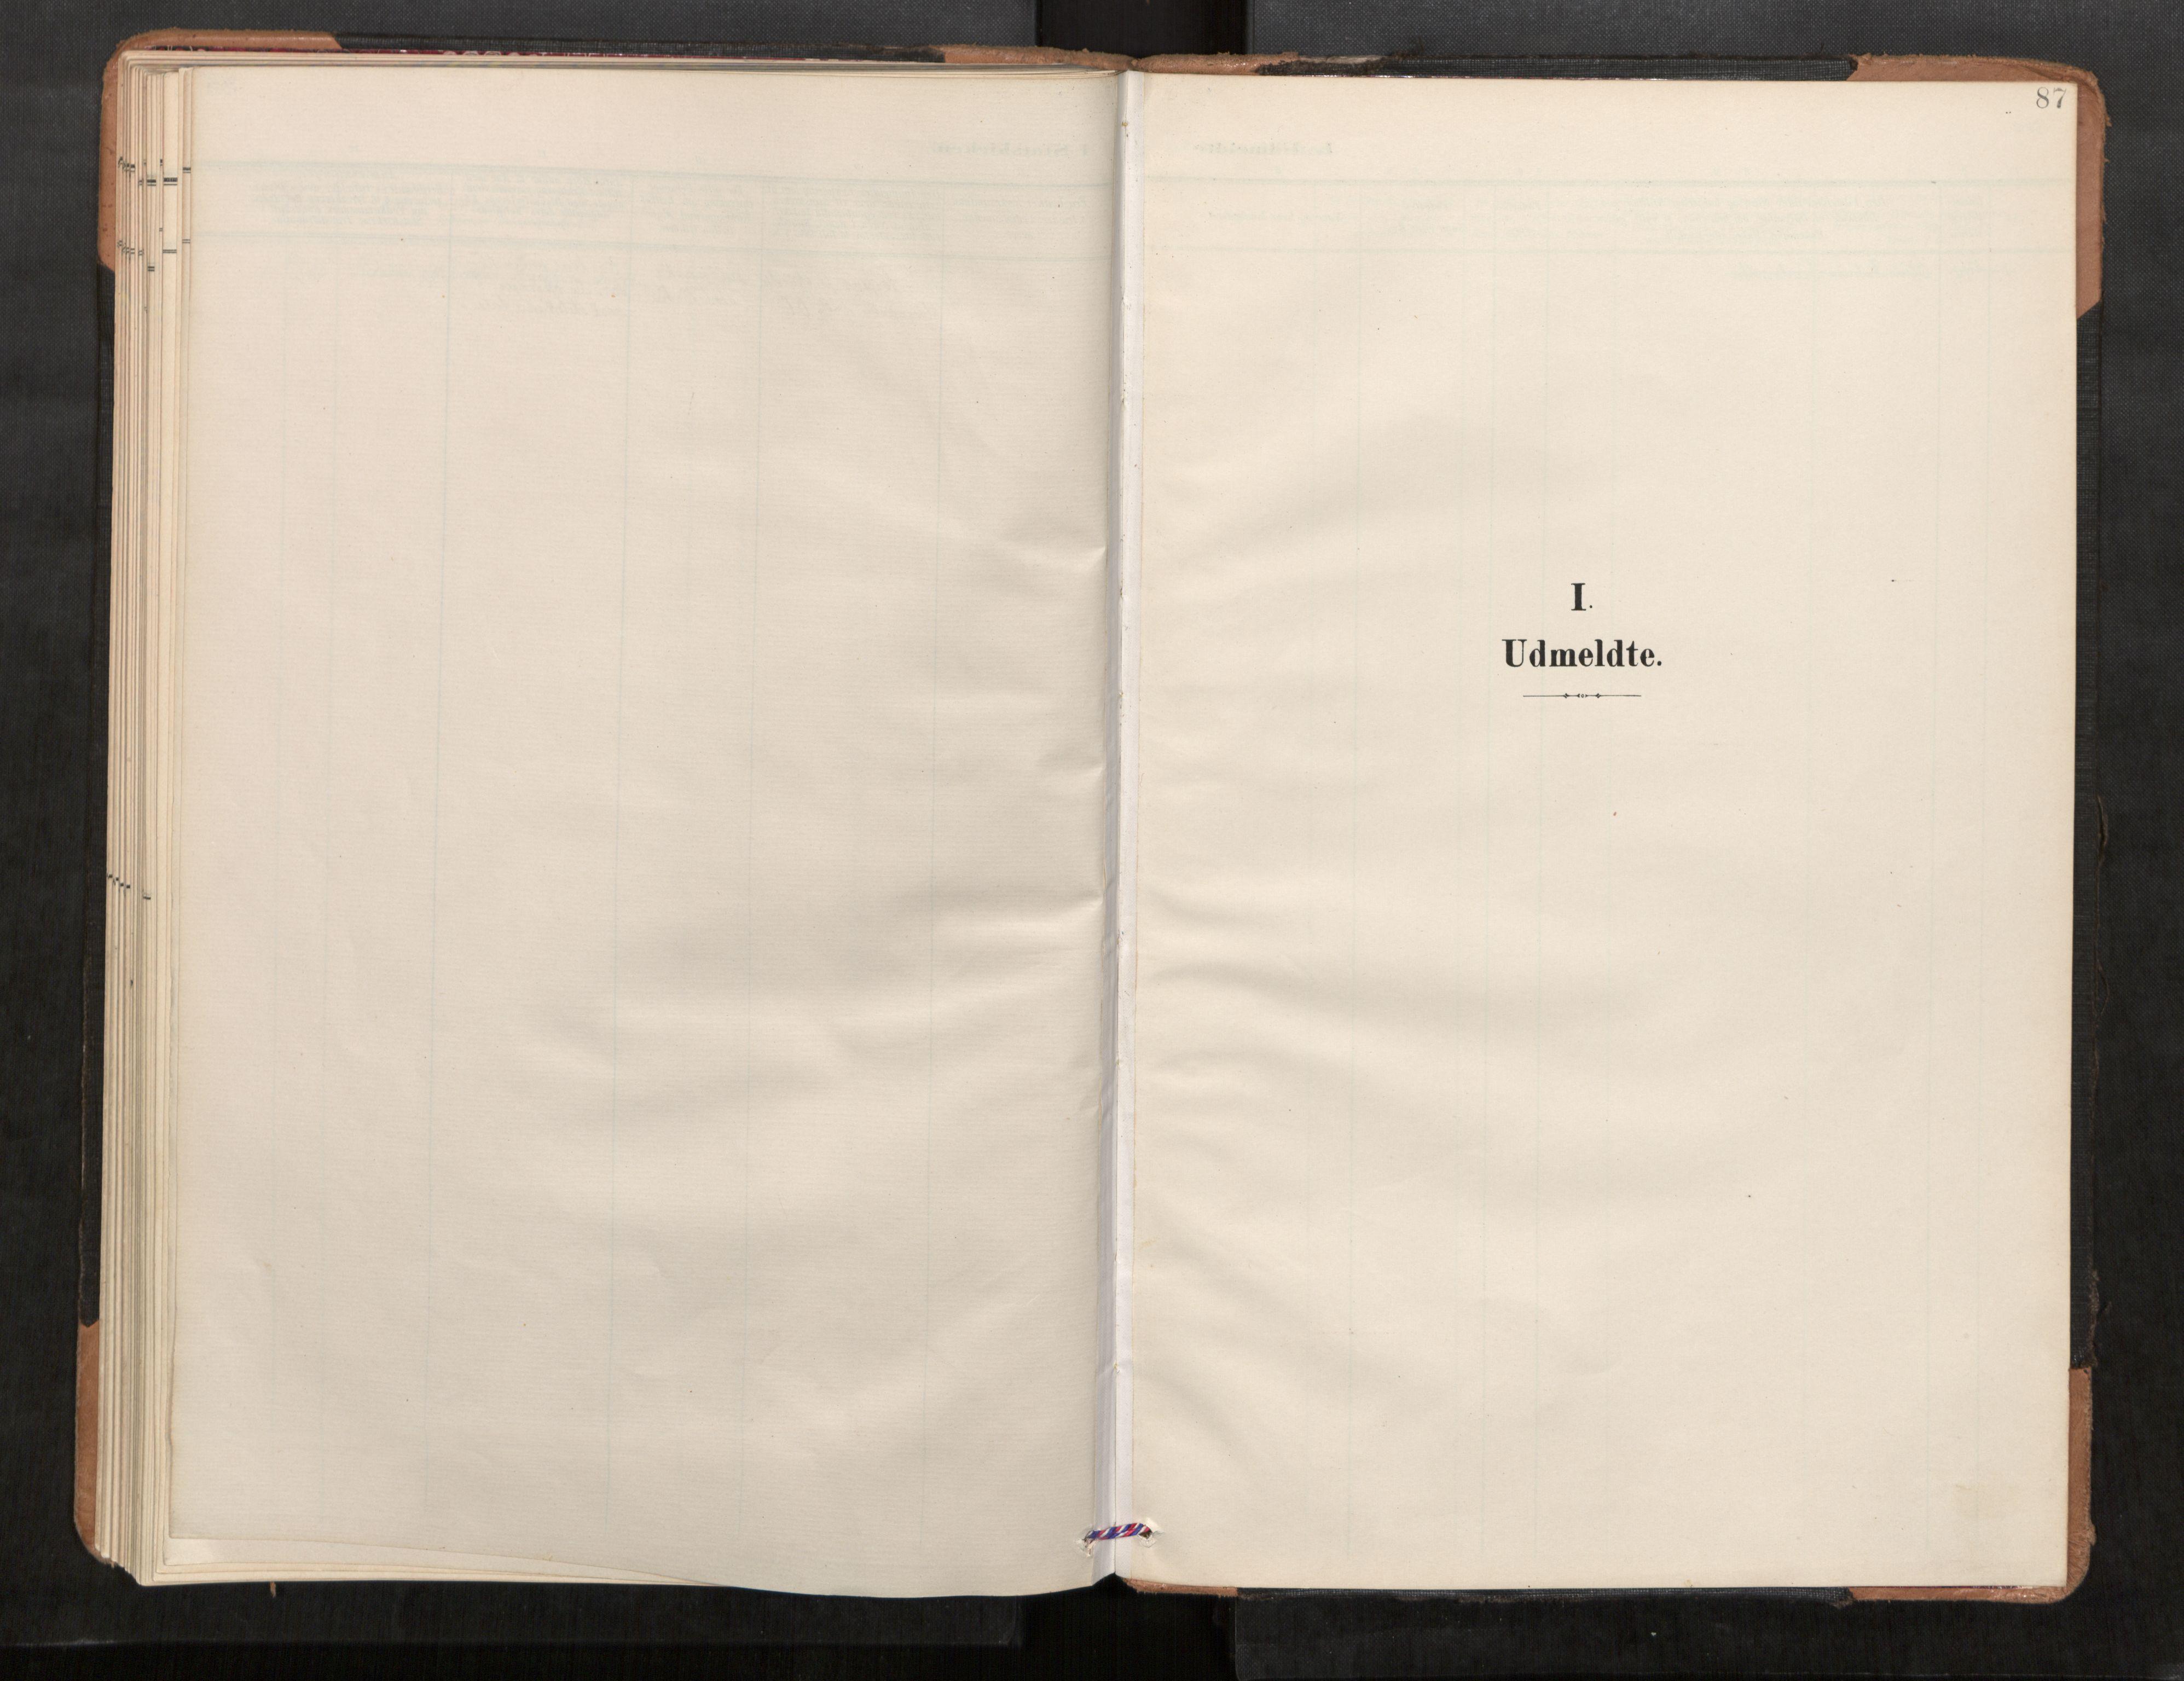 SAT, Stod sokneprestkontor, I/I1/I1a/L0001: Parish register (official) no. 1, 1900-1912, p. 87